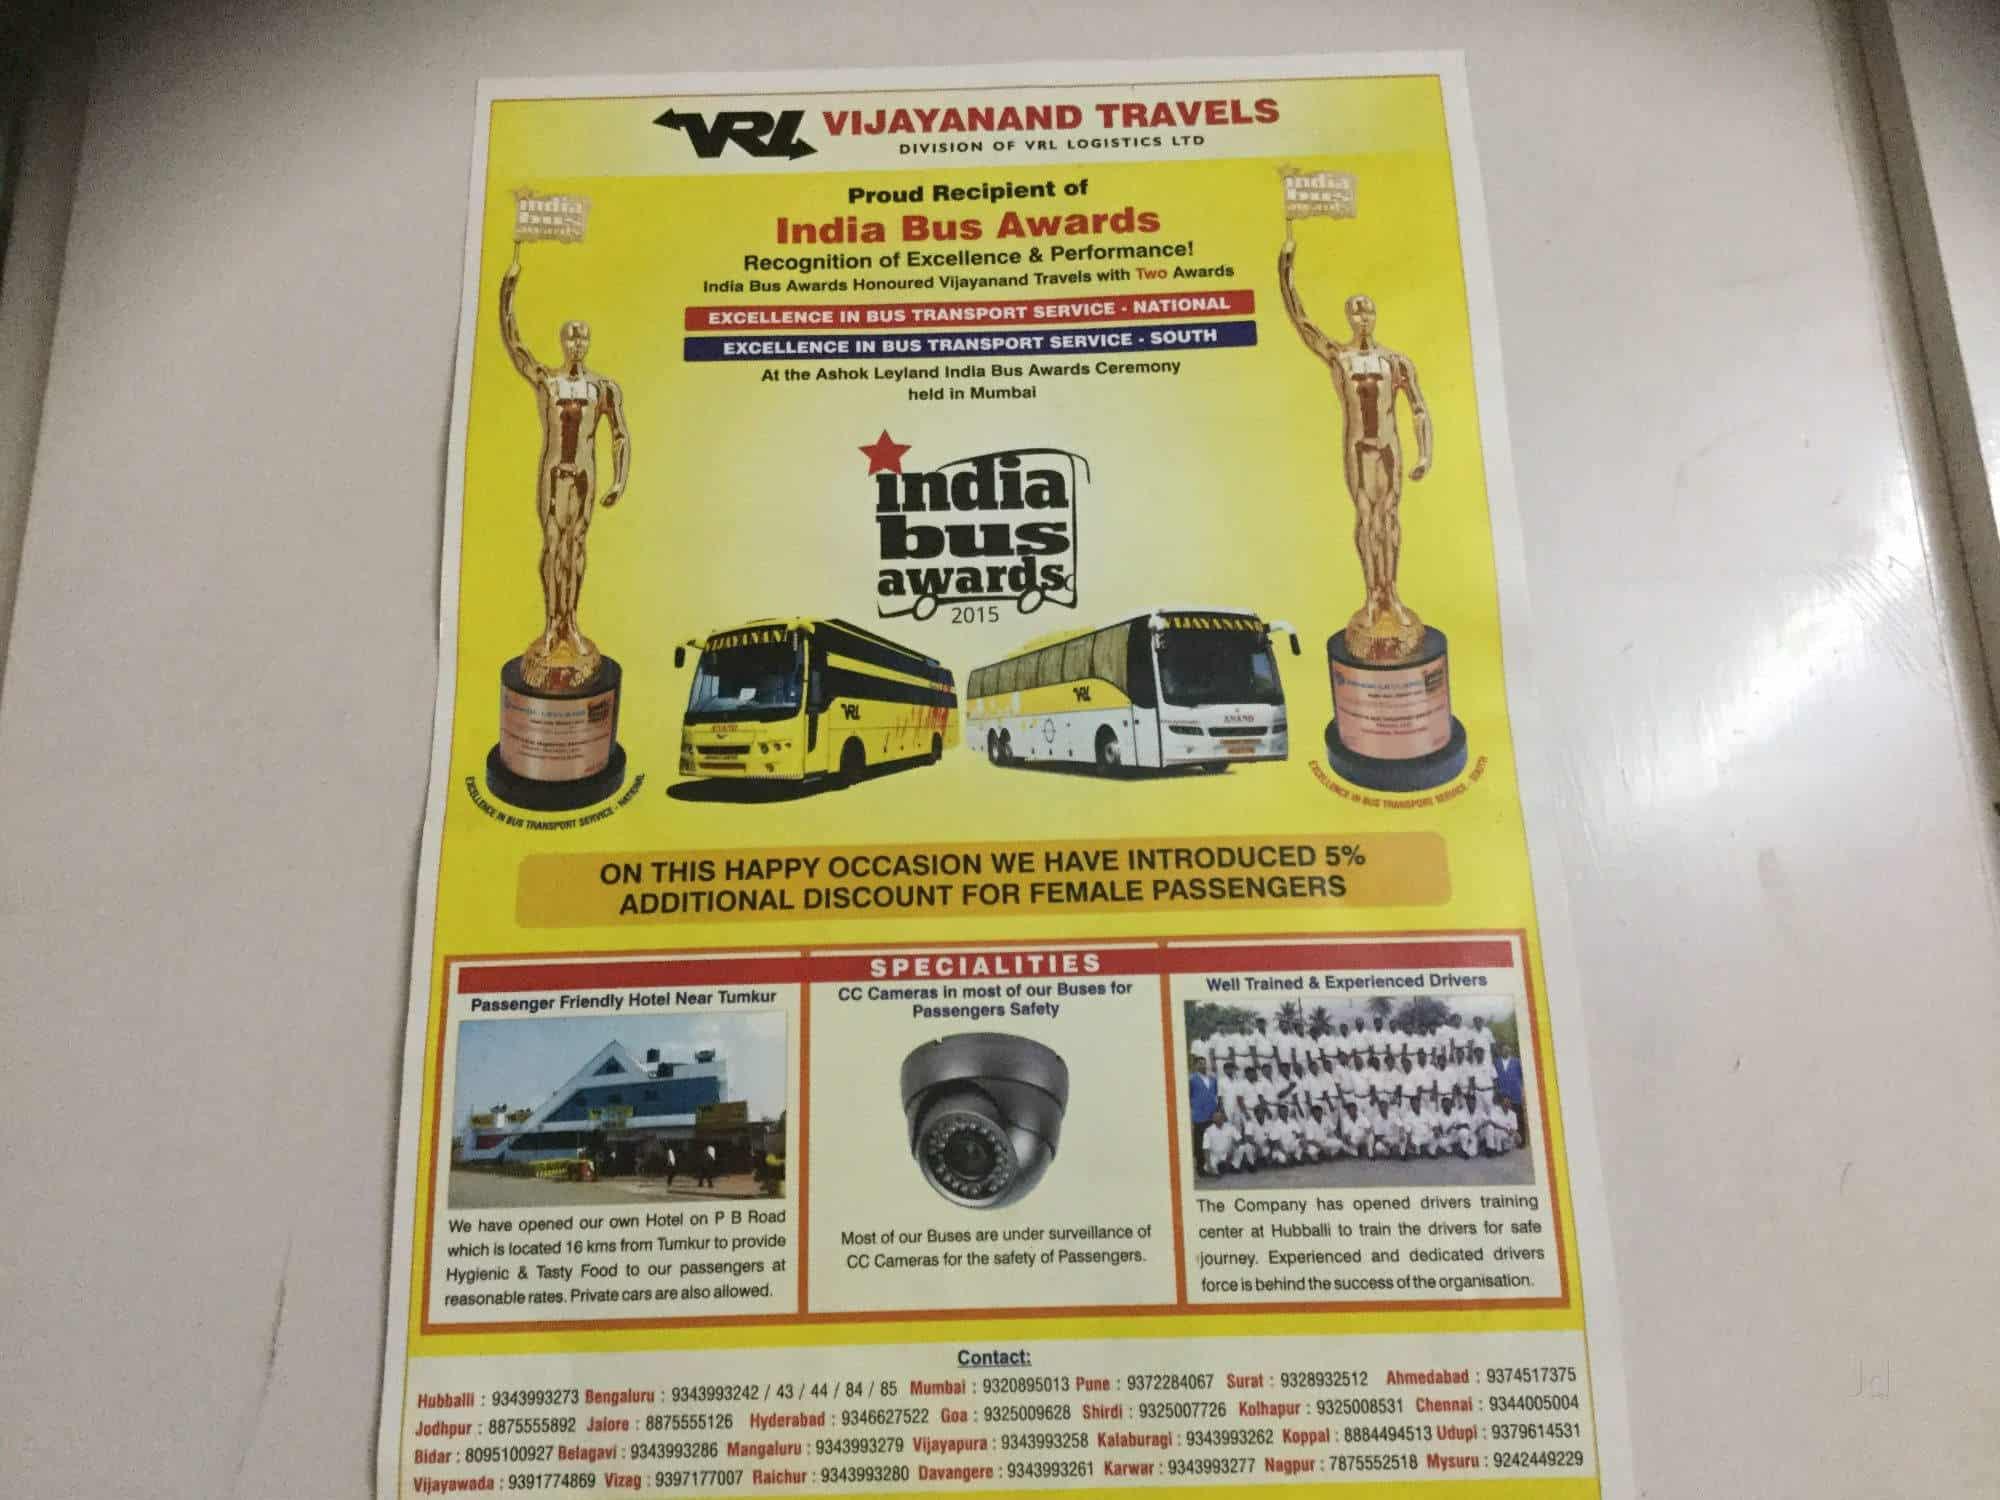 Vrl Travels Visakhapatnam Contact Number | Yoktravels com